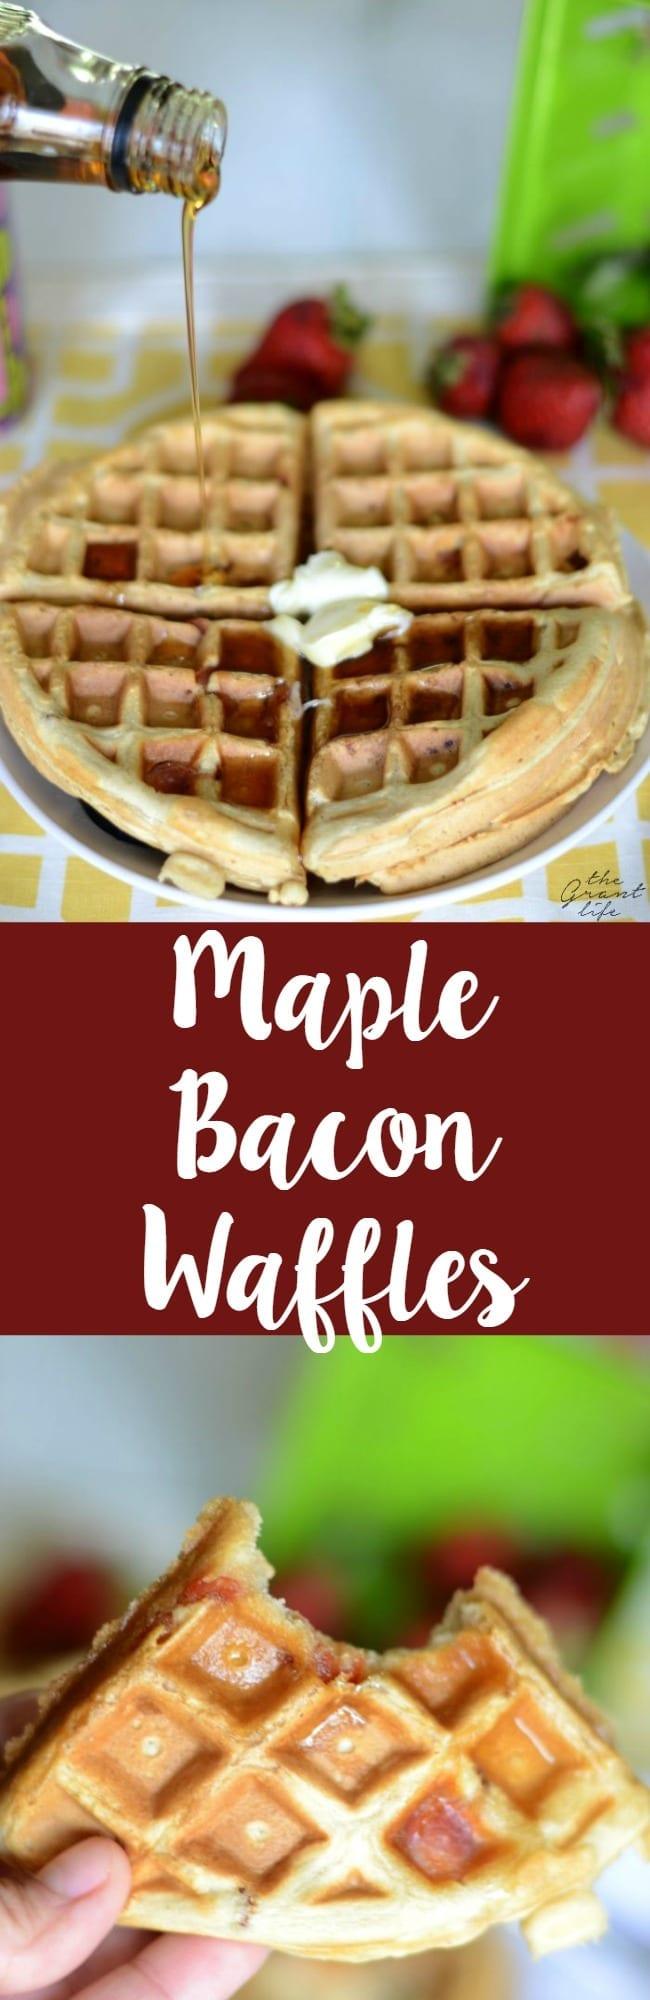 Homemade maple bacon waffles